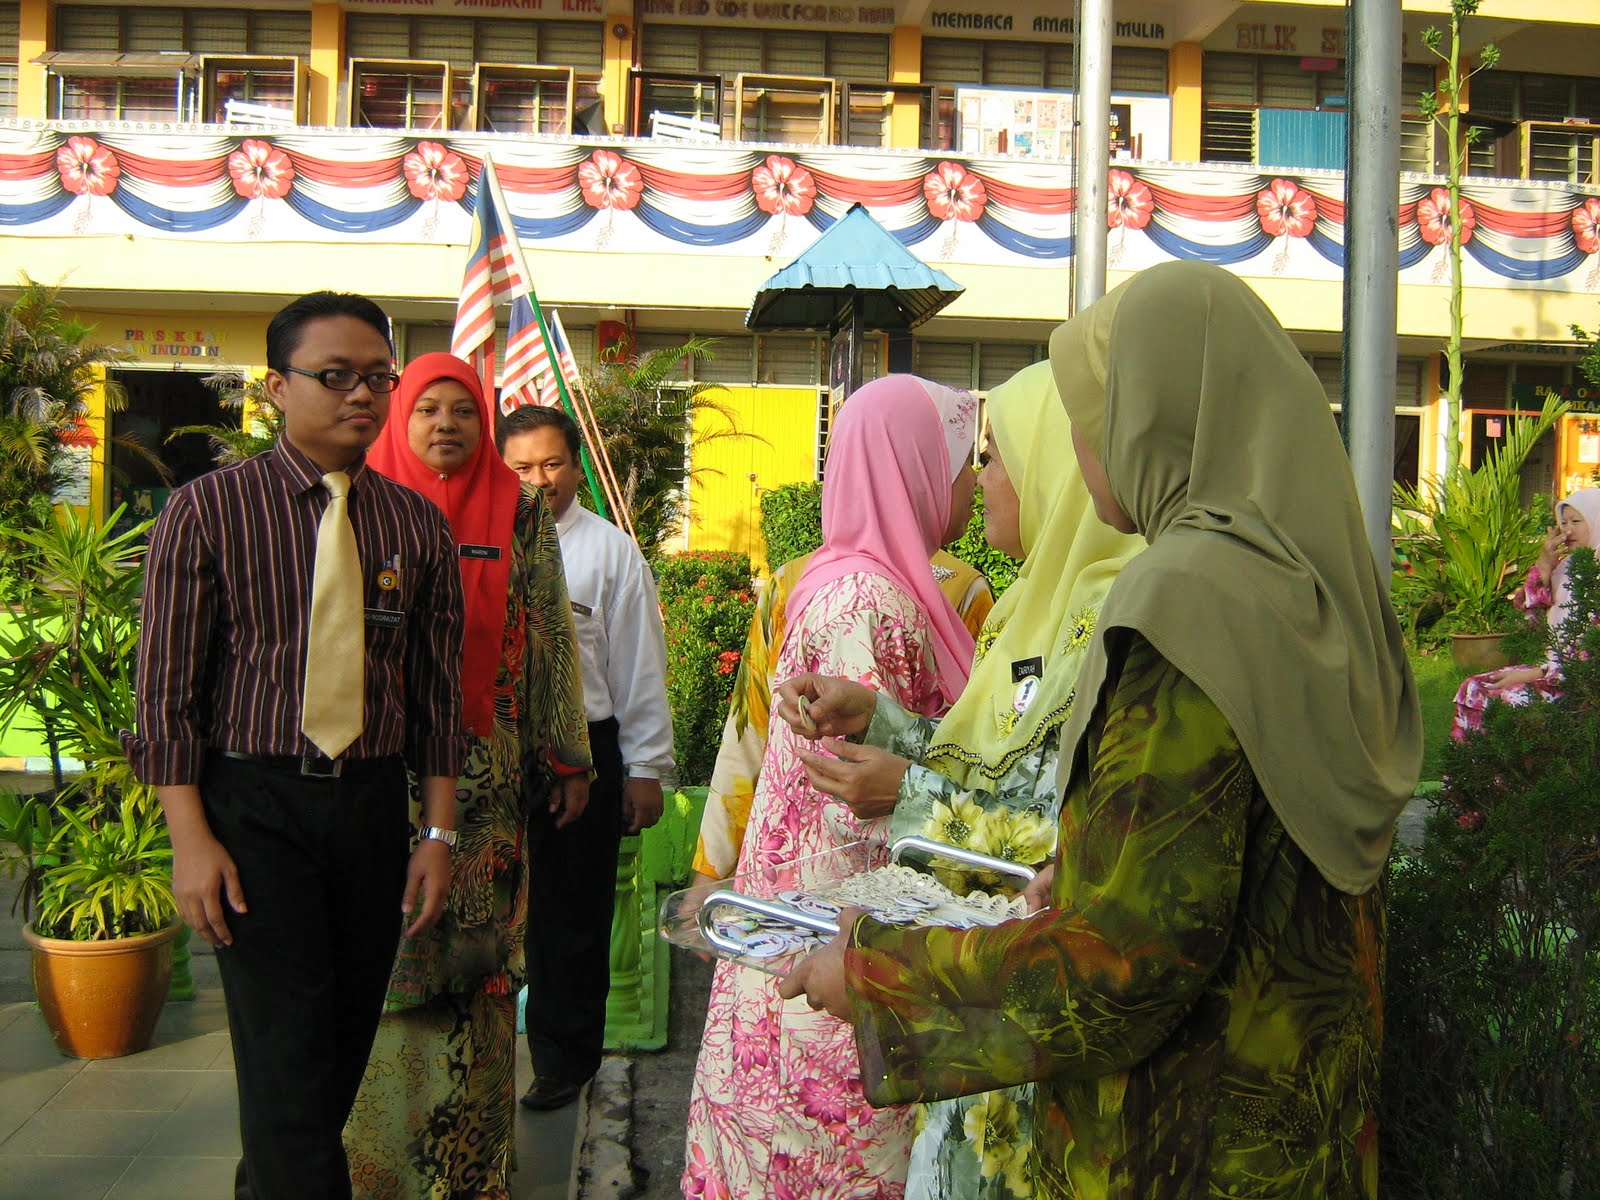 Penyerahan lencana 1Malaysia kepada semua guru